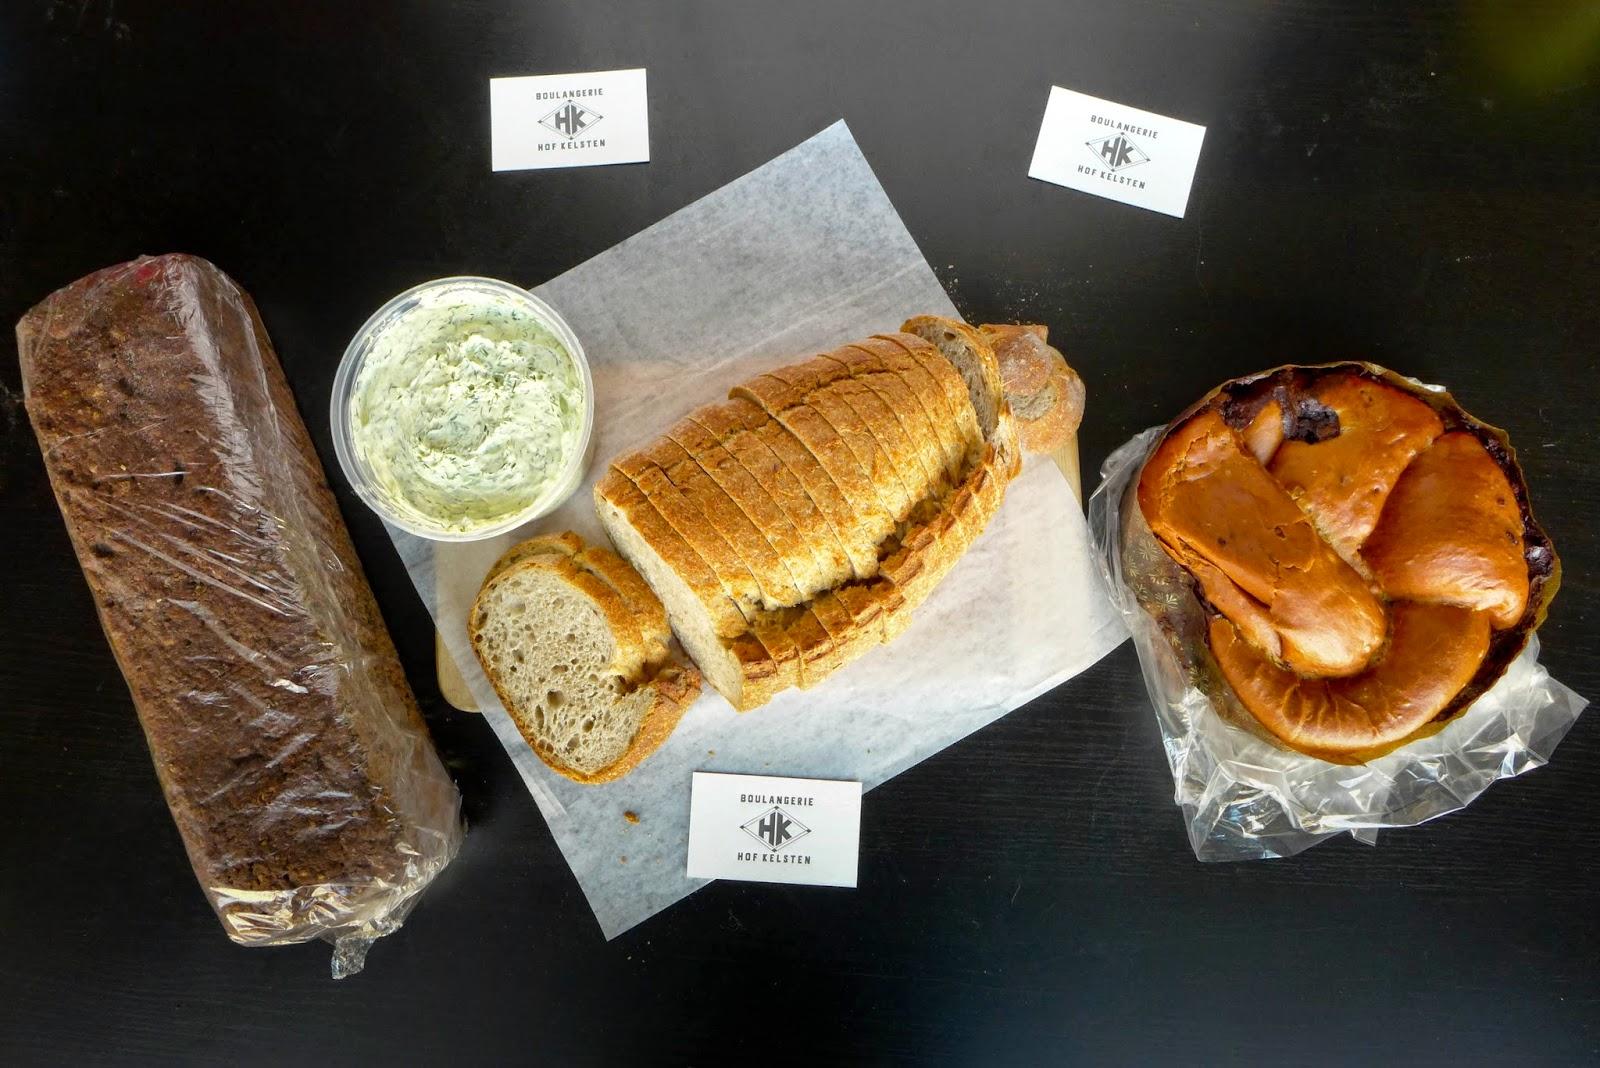 Pastry Montreal - Hof Kelsten pumpernickel, chocolate babka, rye bread caraway